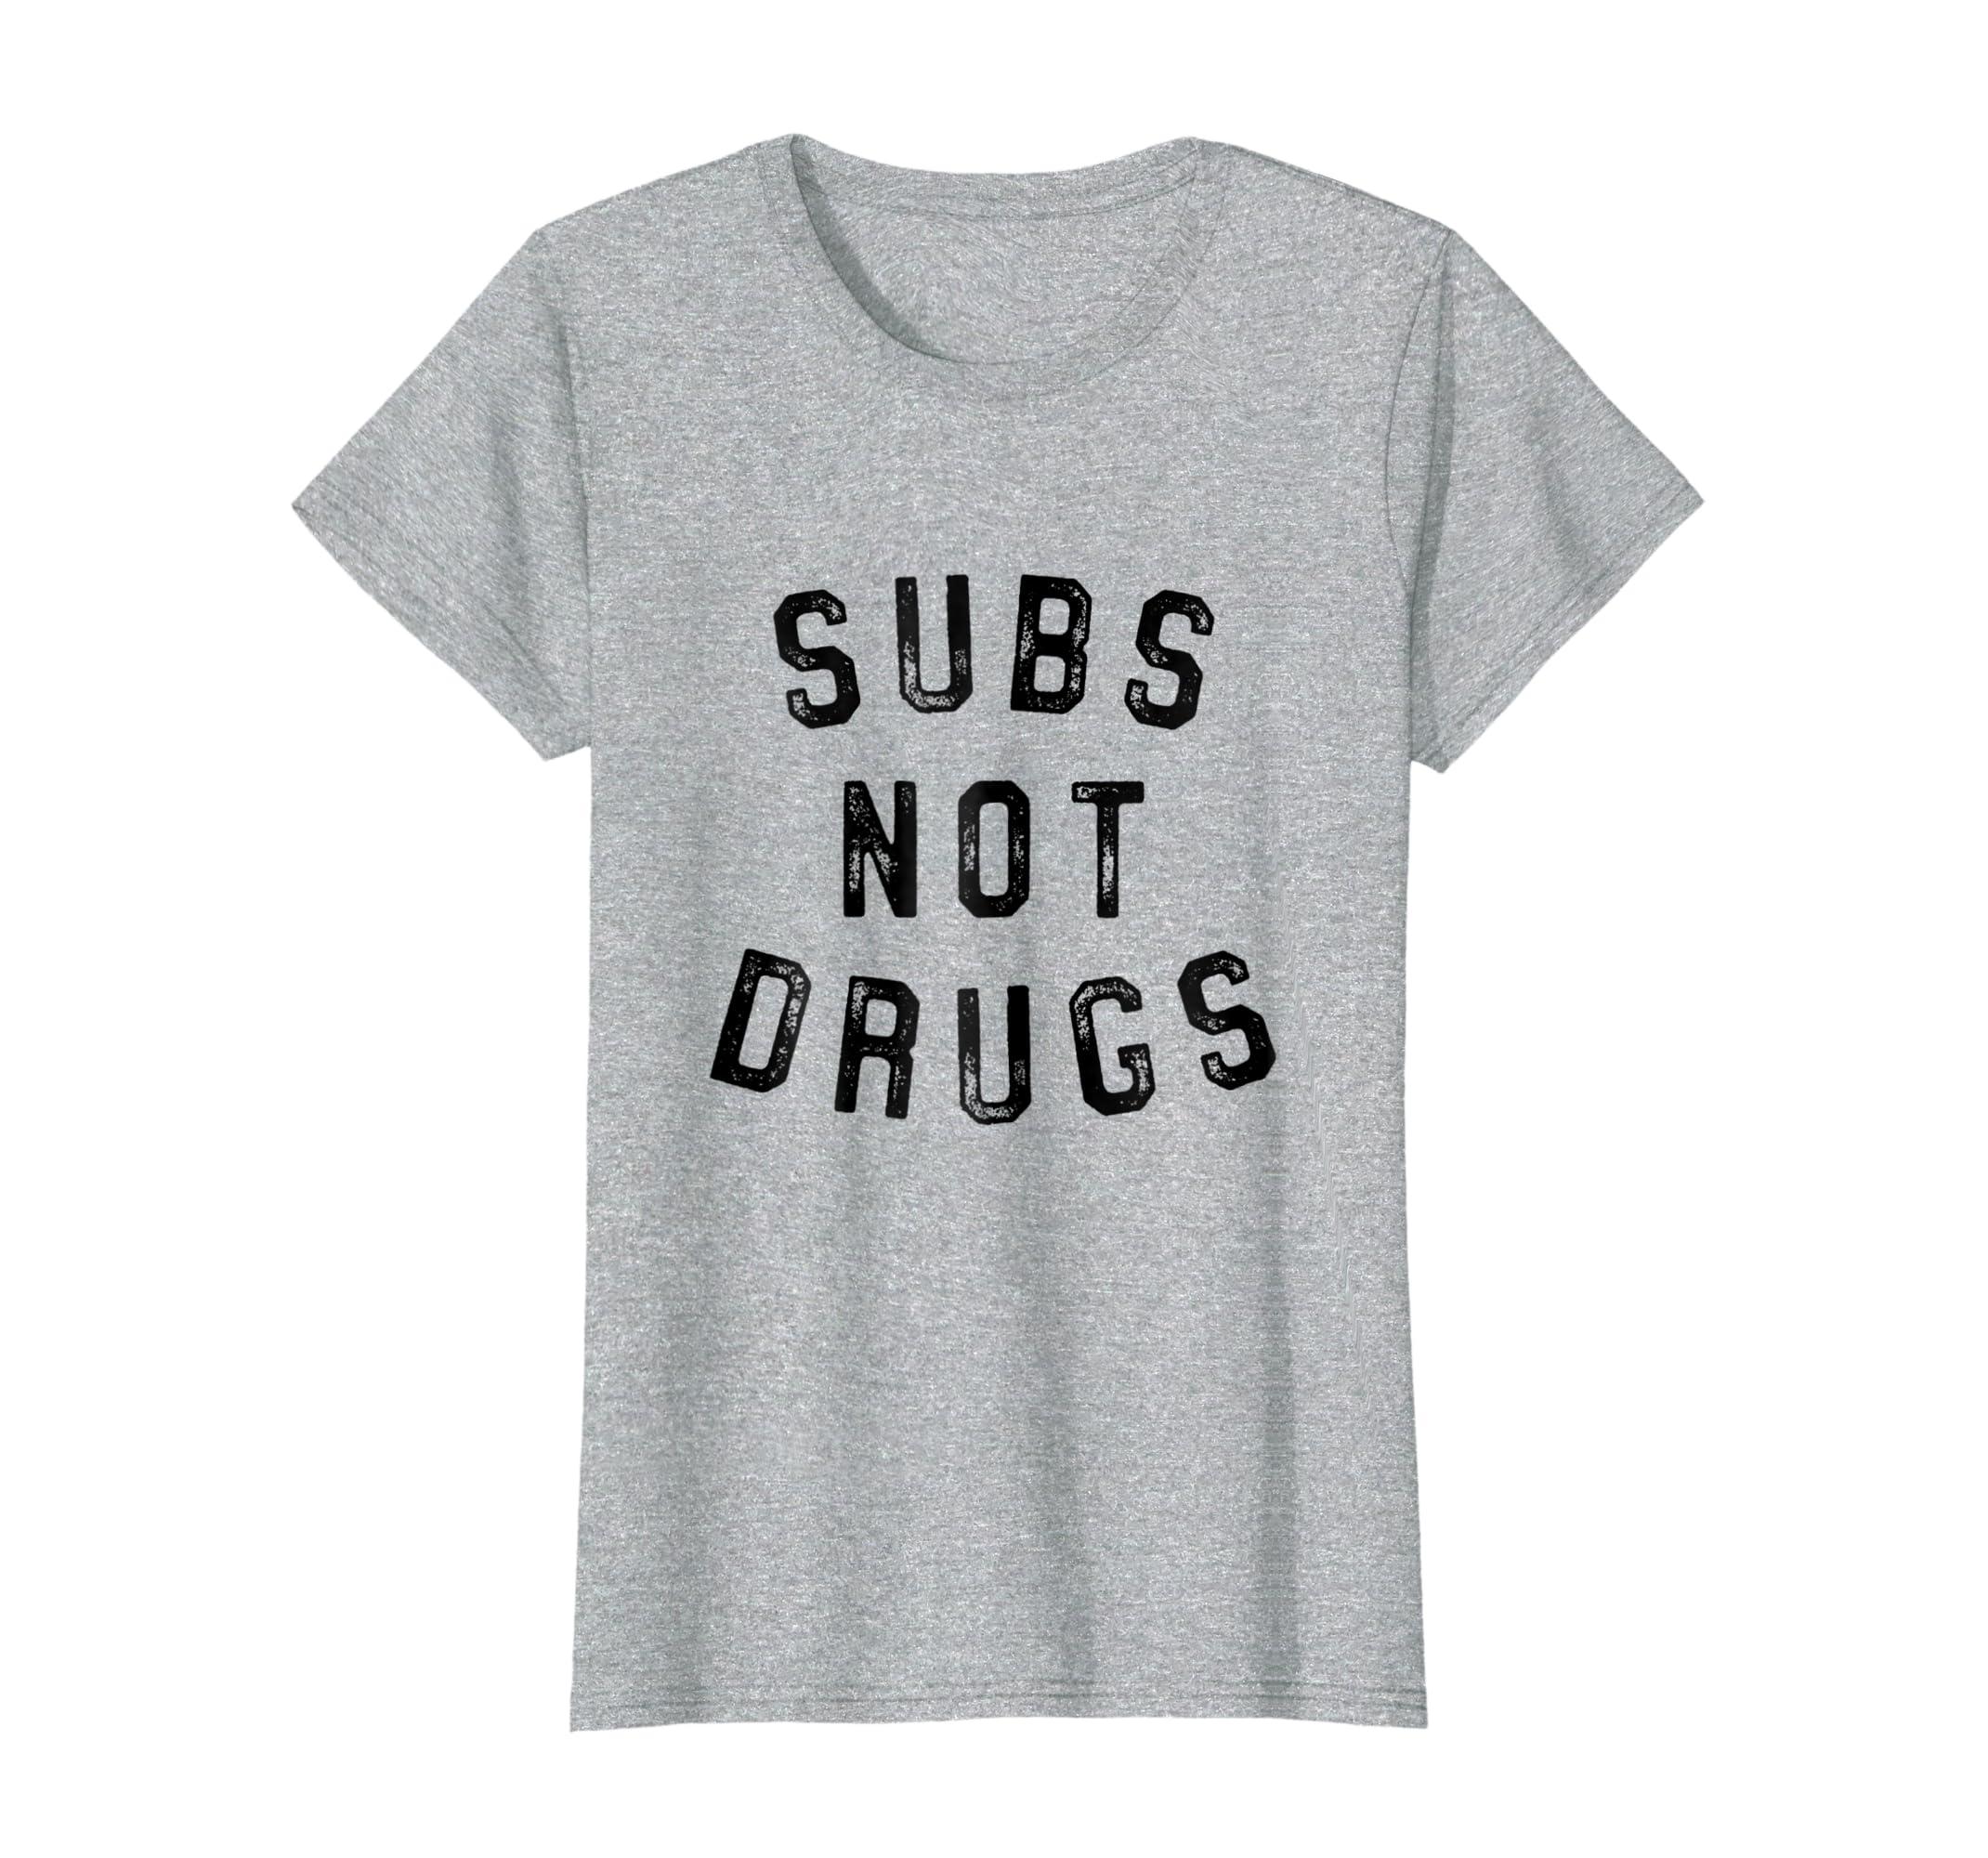 ceeae189 Amazon.com: Subs Not Drugs BJJ MMA Tee Funny Brazilian Jiu Jitsu T Shirt:  Clothing